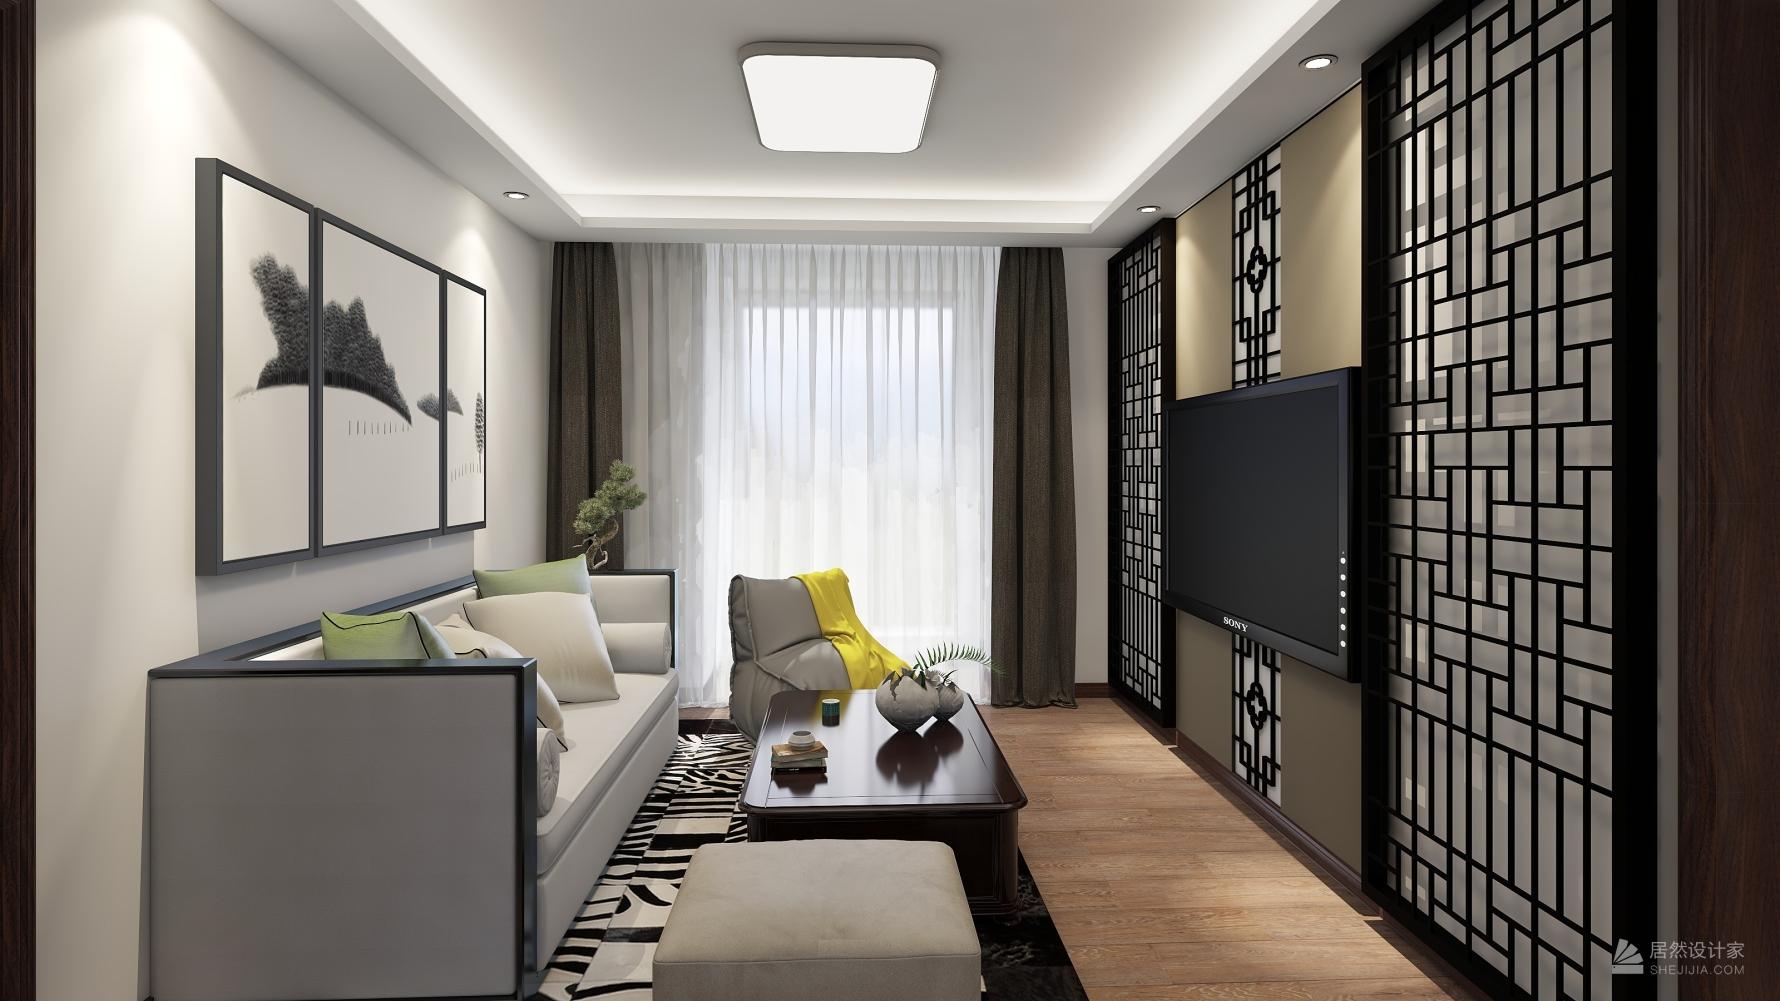 中式风格三室一厅装修设计图